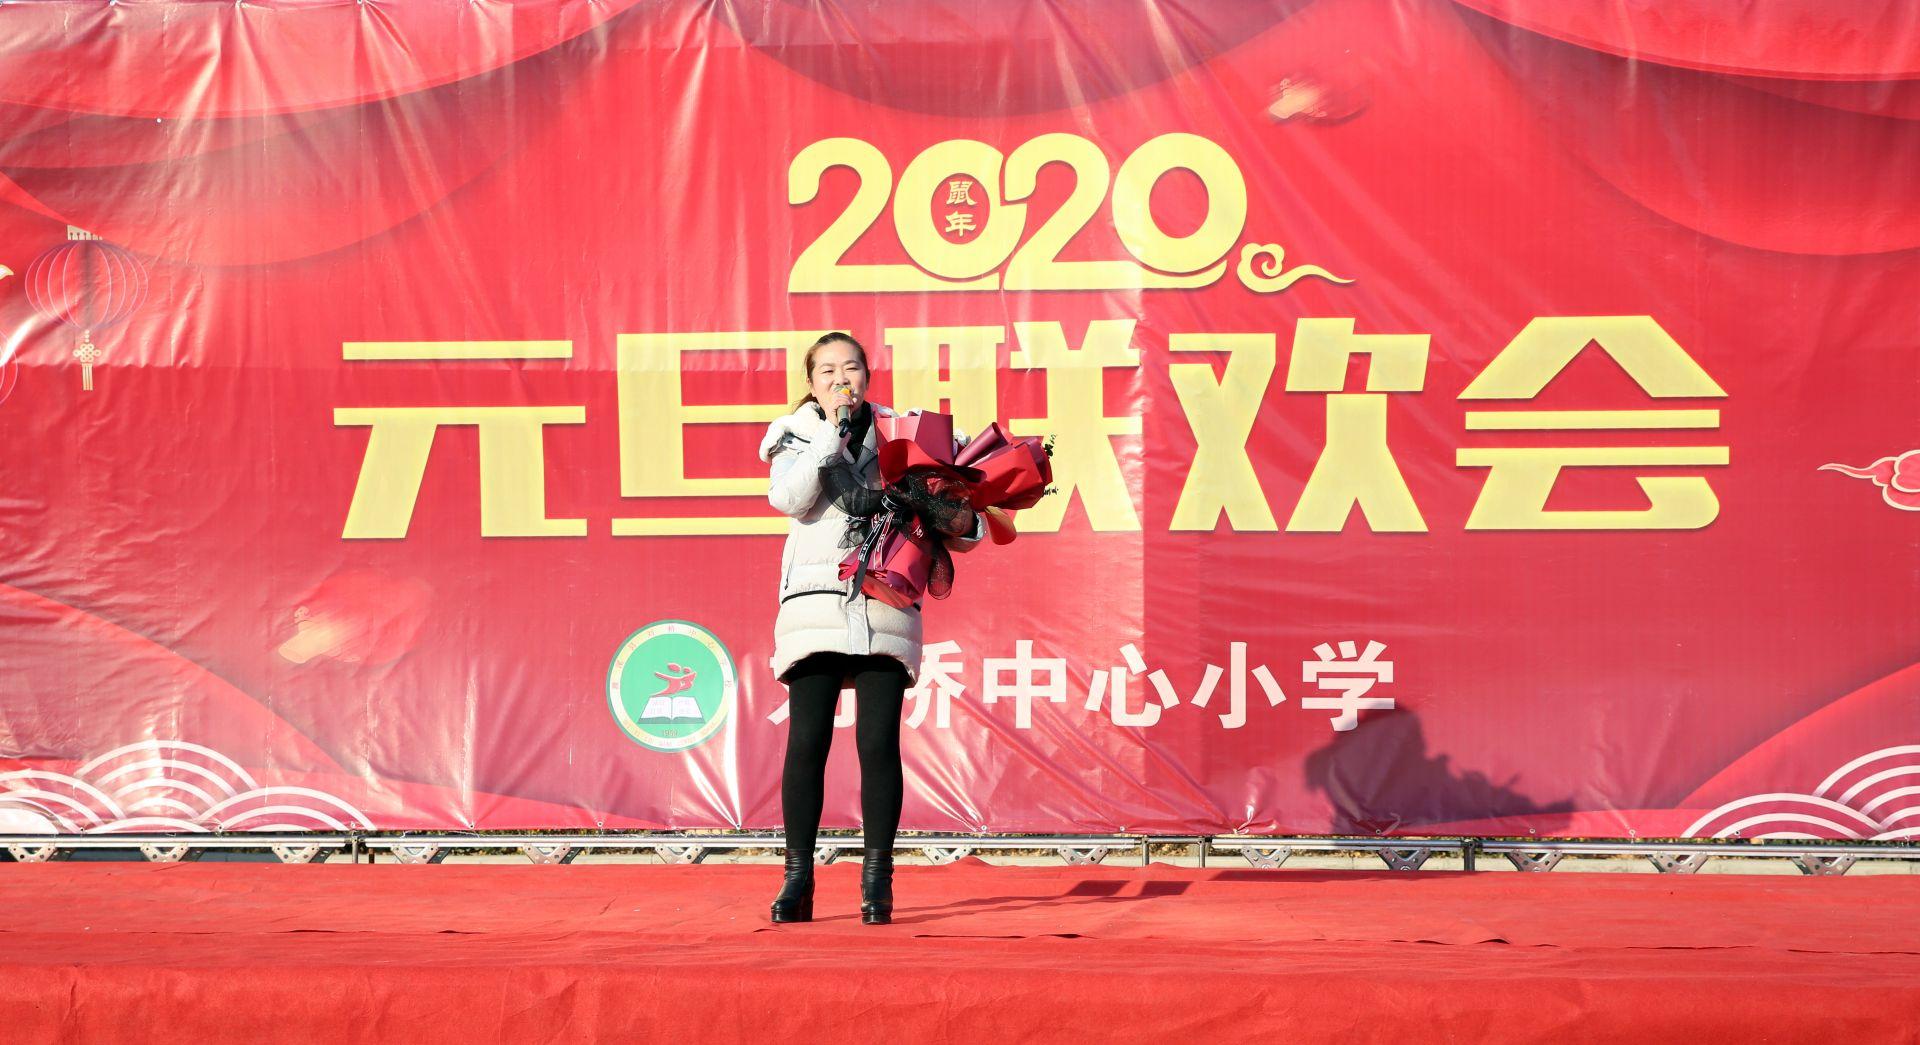 劉橋中心小學舉辦慶元旦聯歡會